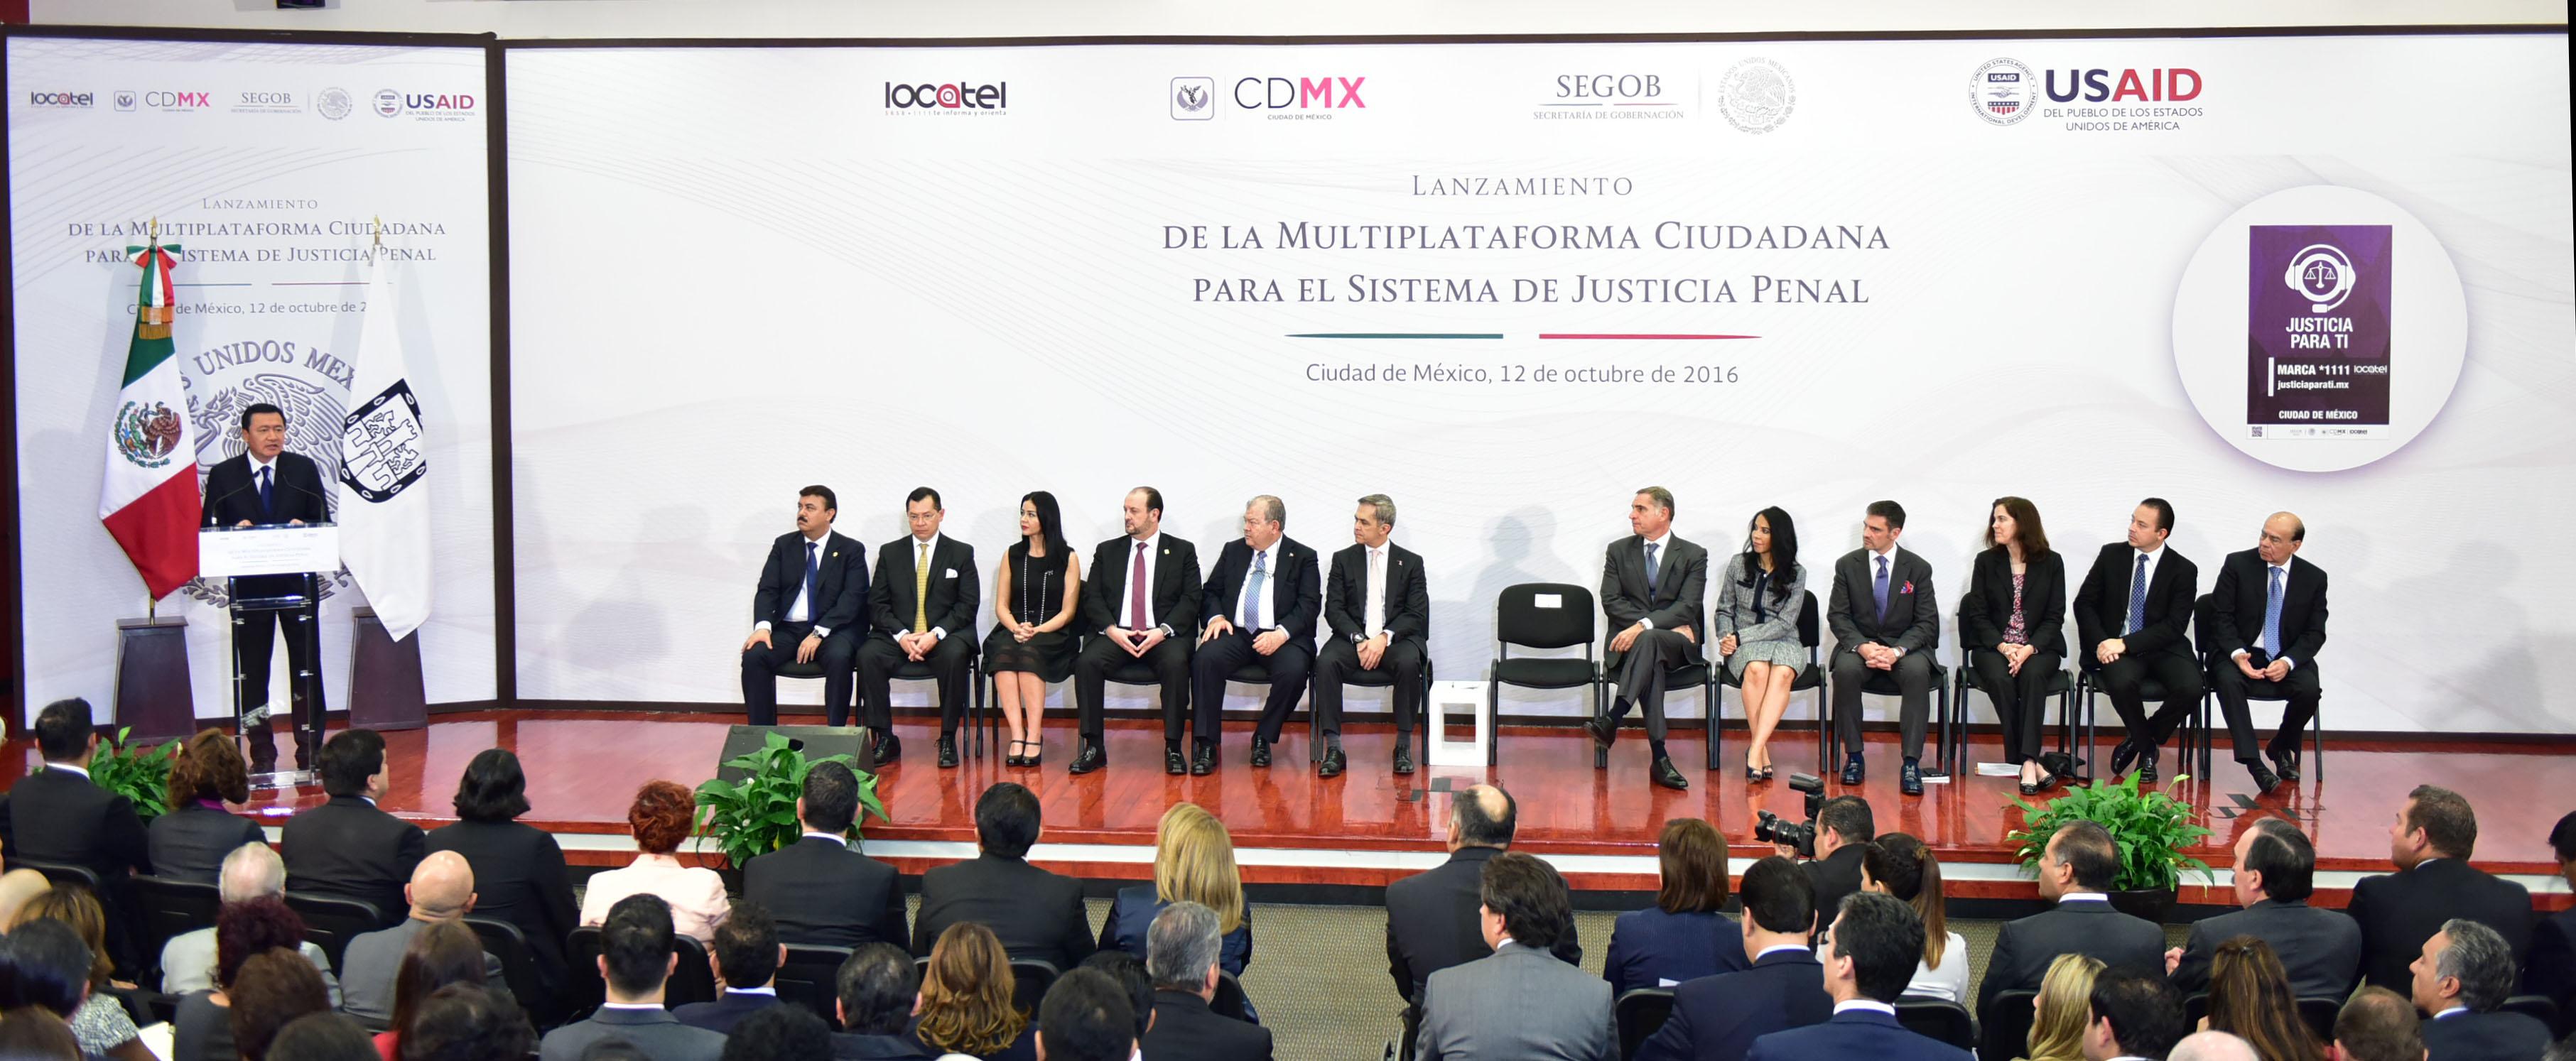 Miguel Ángel Osorio, Secretario de Gobernación, durante el lanzamiento de la Multiplataforma Ciudadana para el Sistema de Justicia Penal